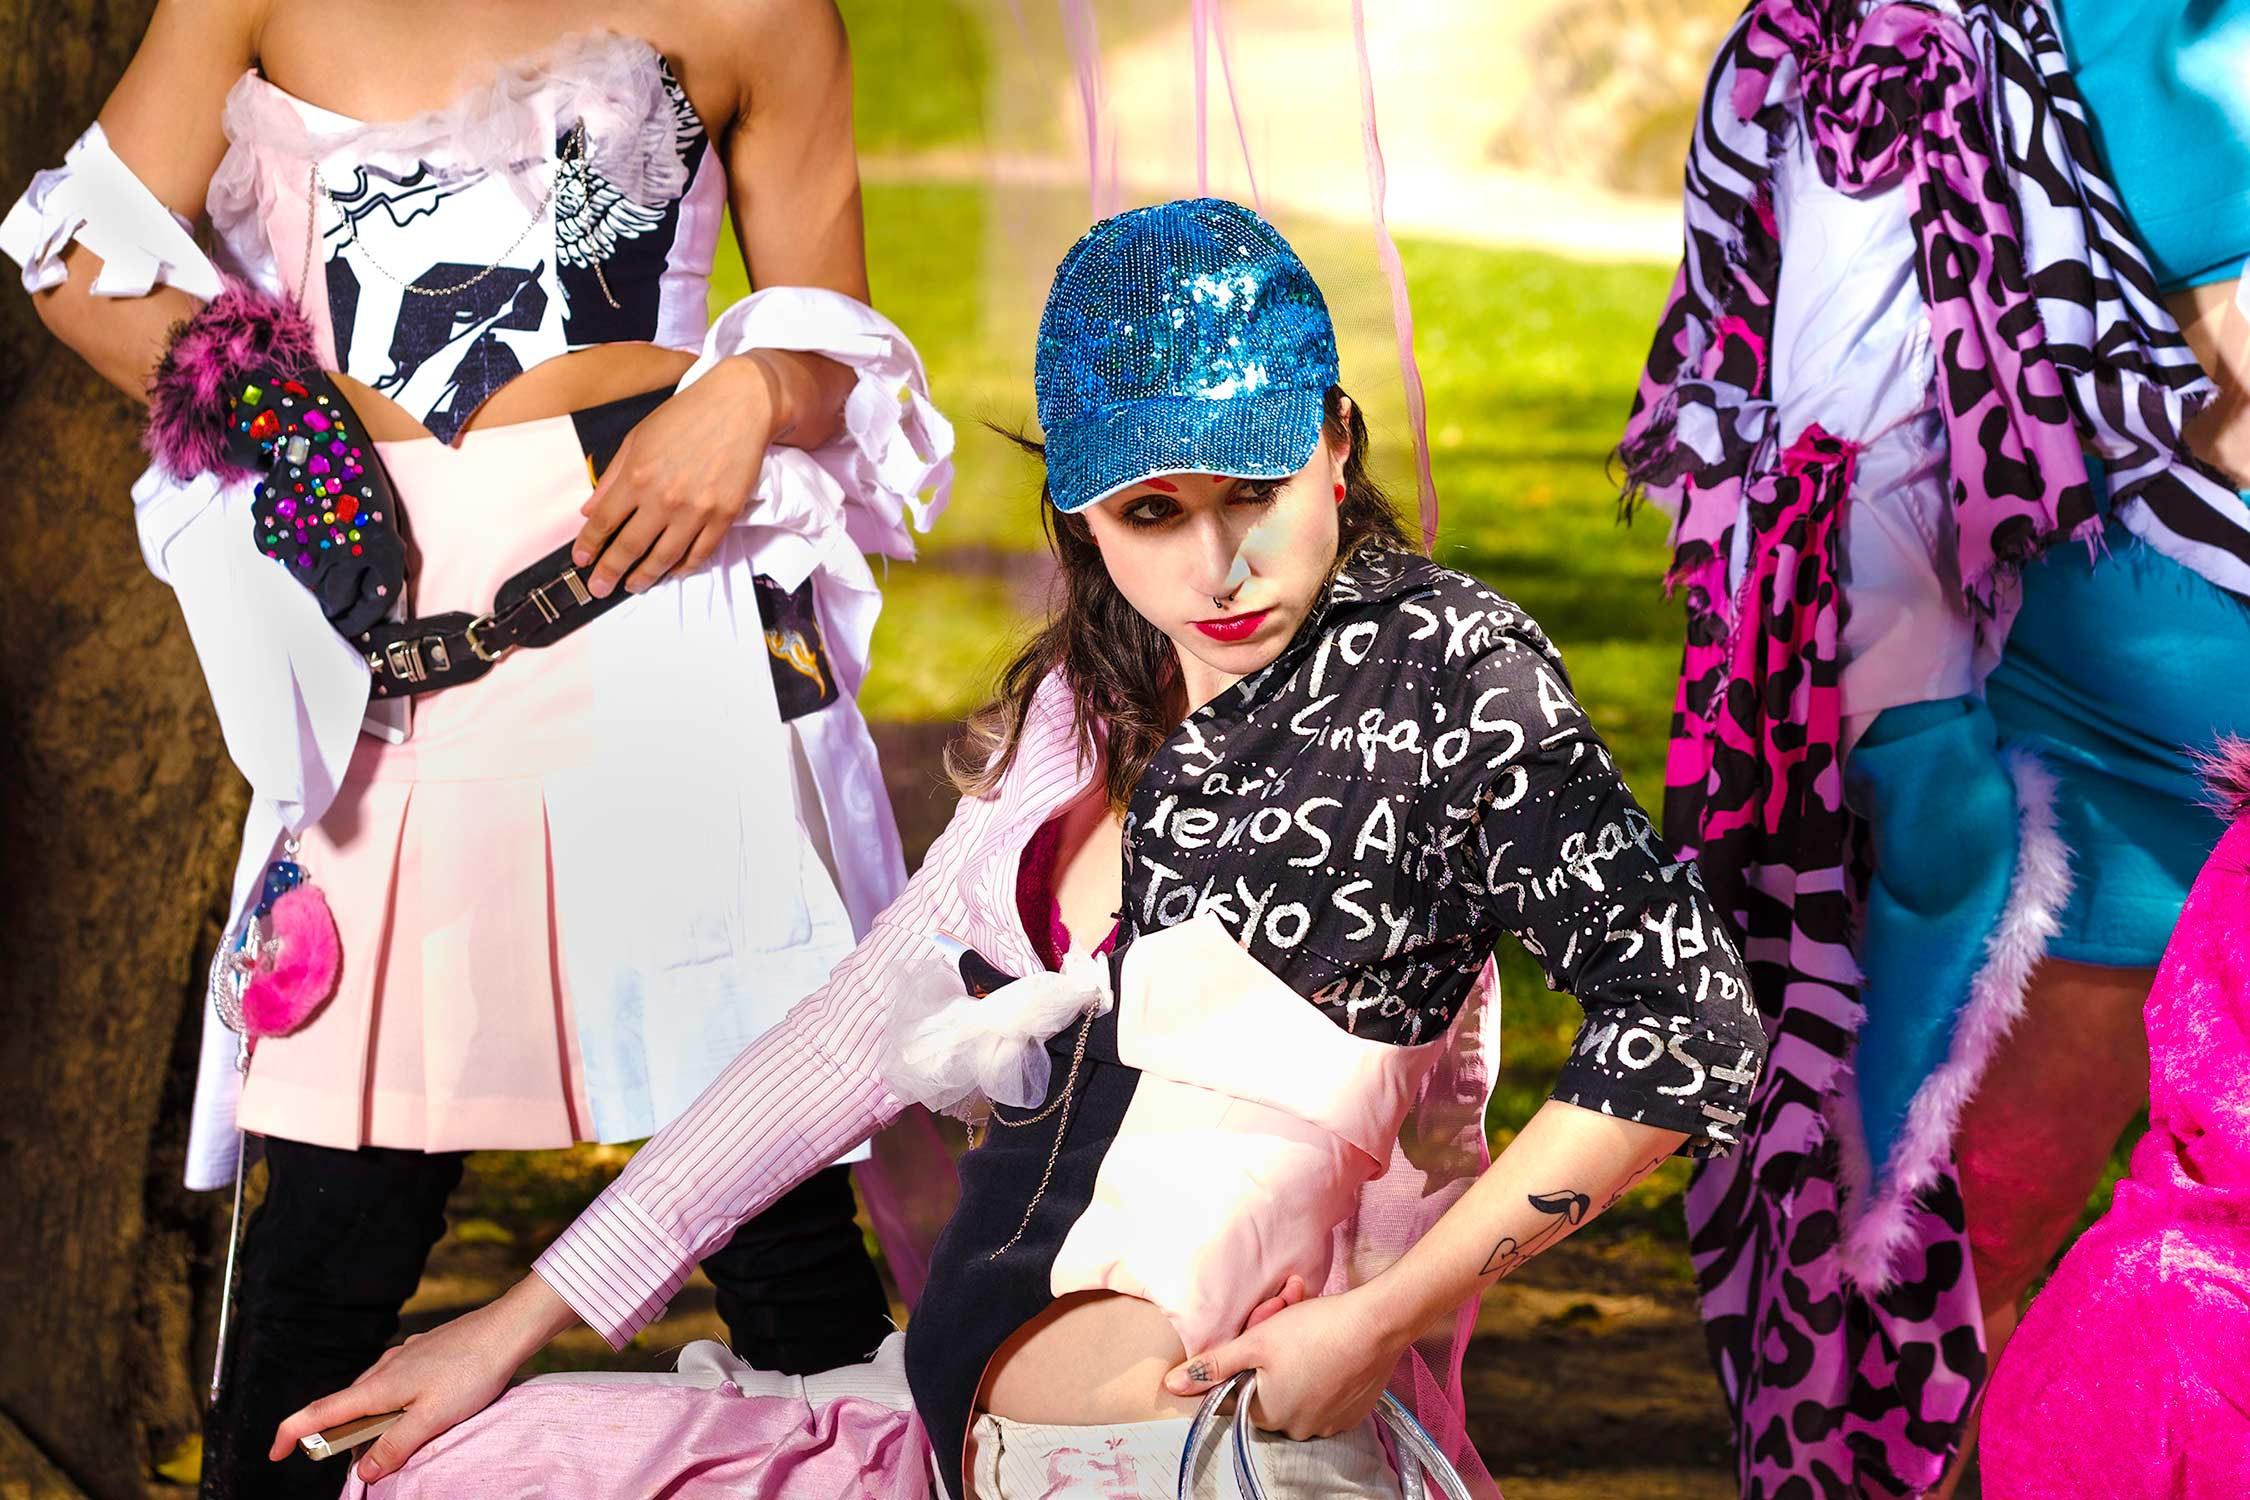 Filfy Rish x Fashion Chelsea SS 2018.